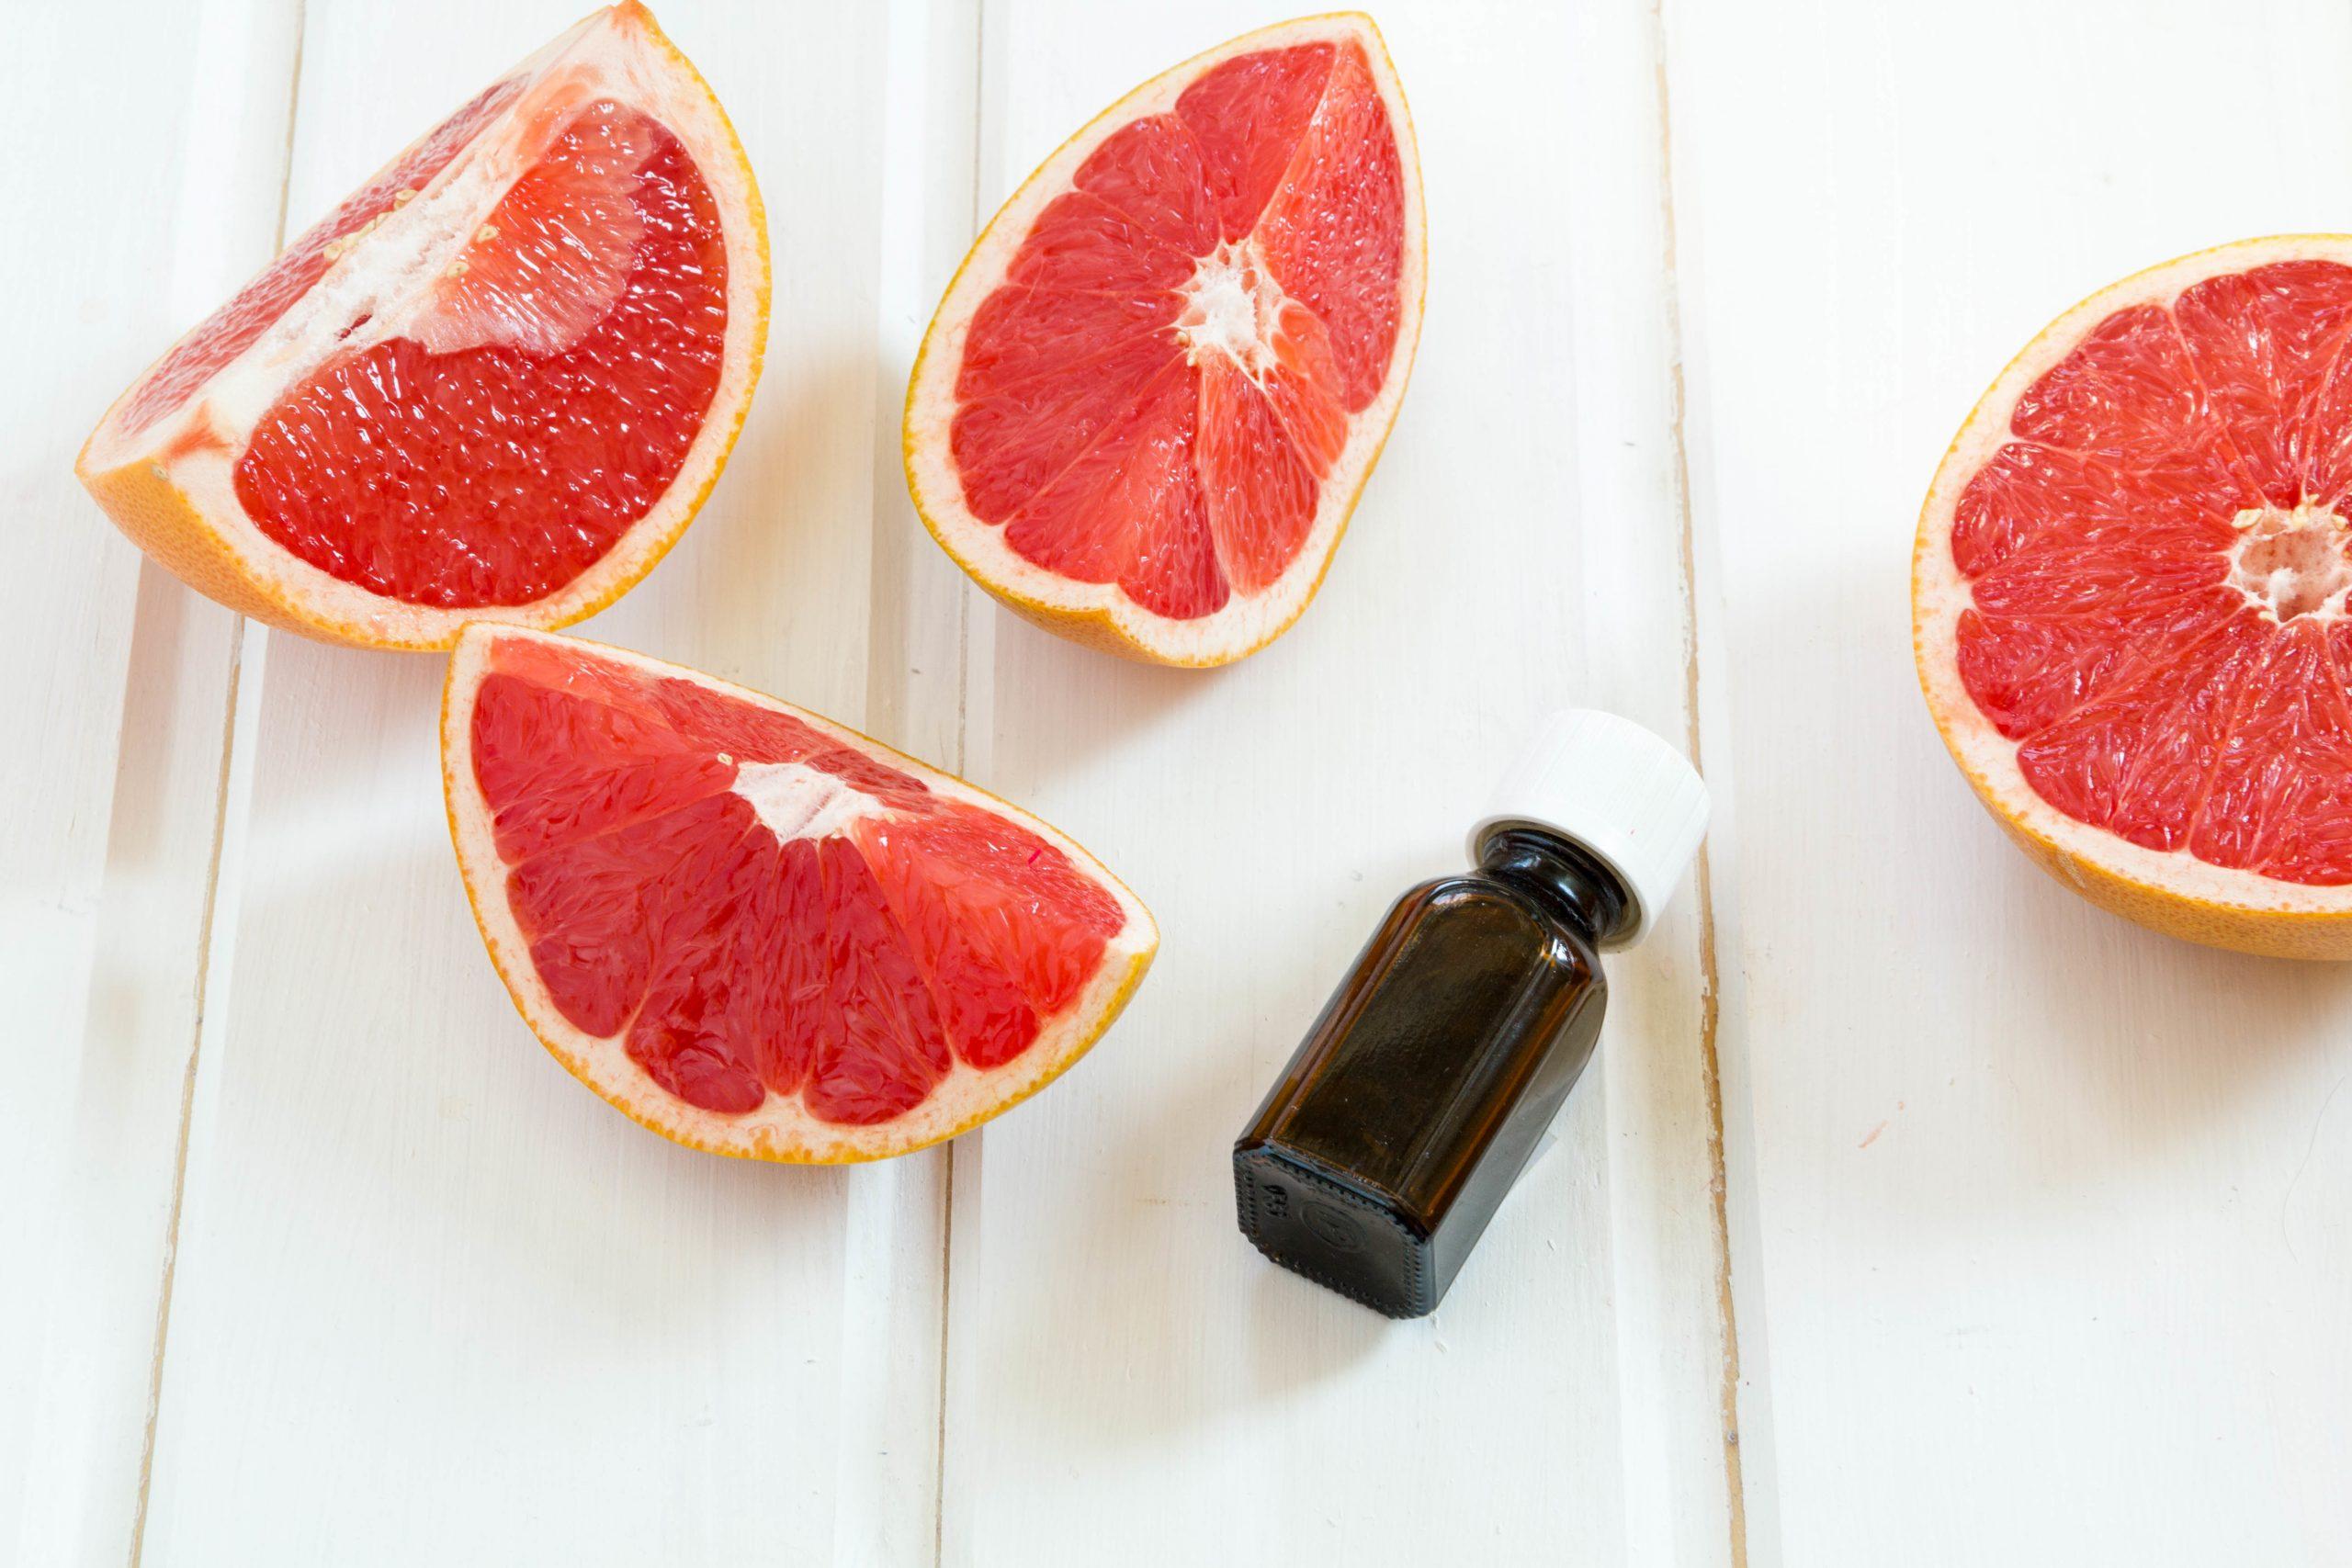 Grapefruitkernextrakt: Test, Wirkung, Anwendung & Studien (12/20)